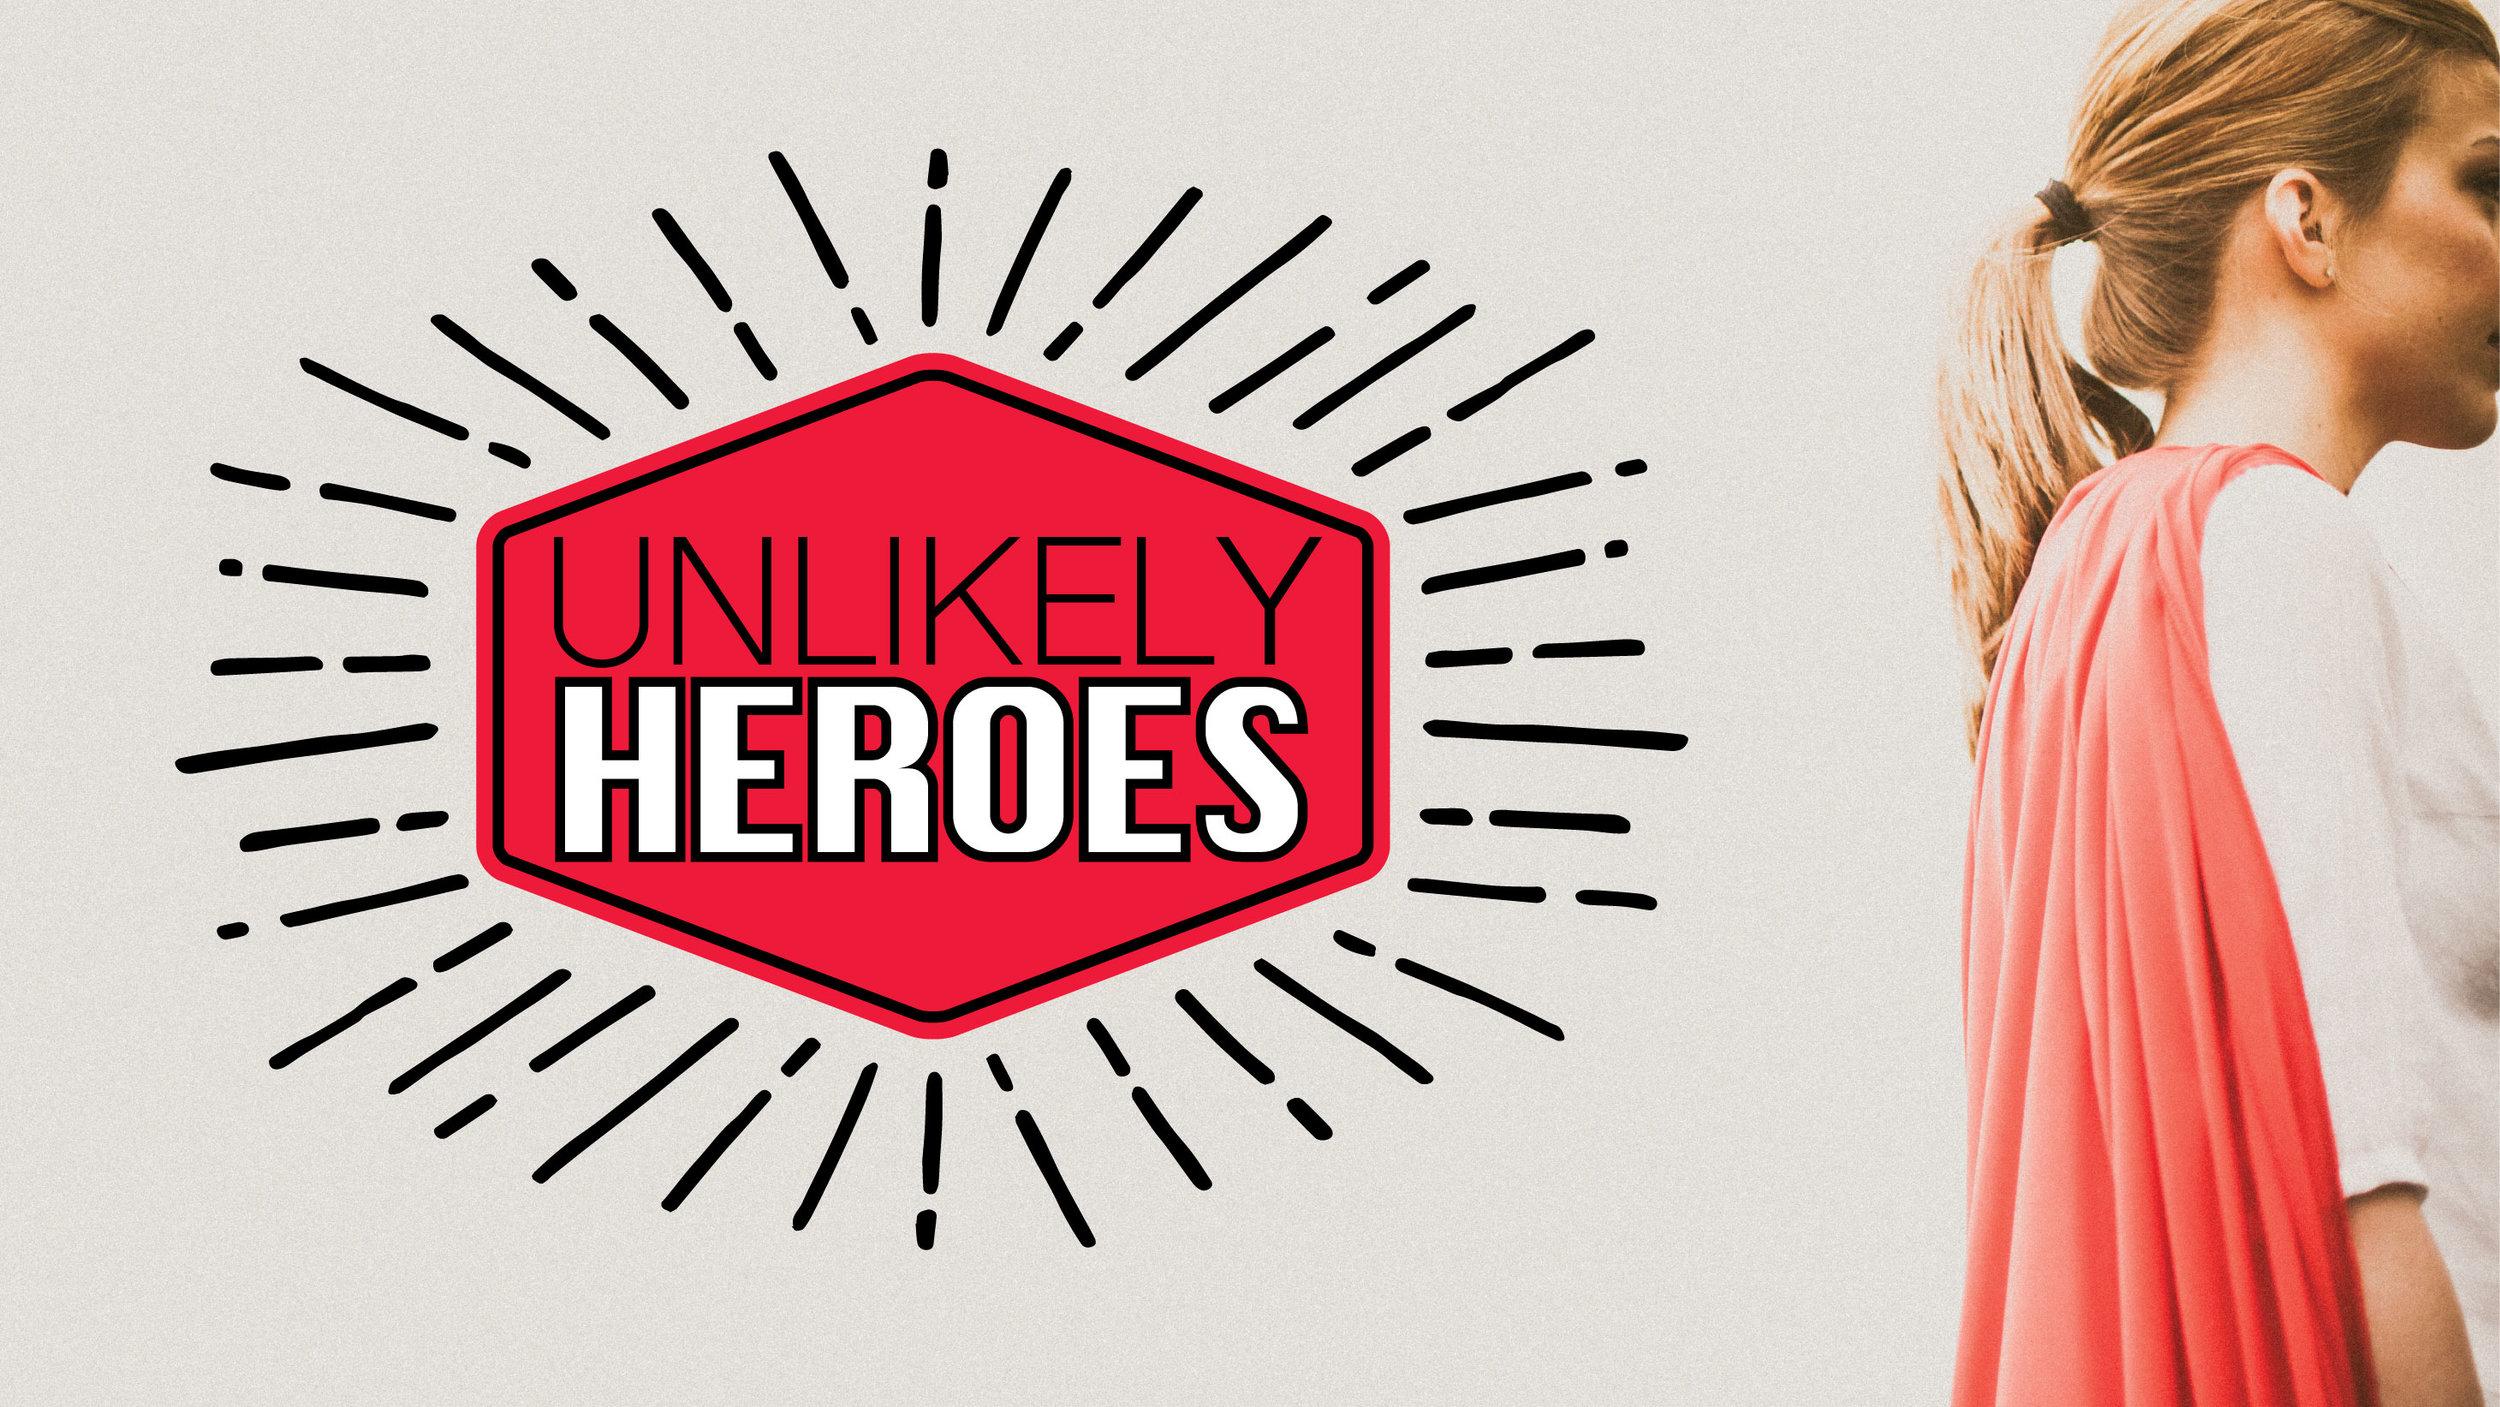 Unlikely-Heroes.jpg